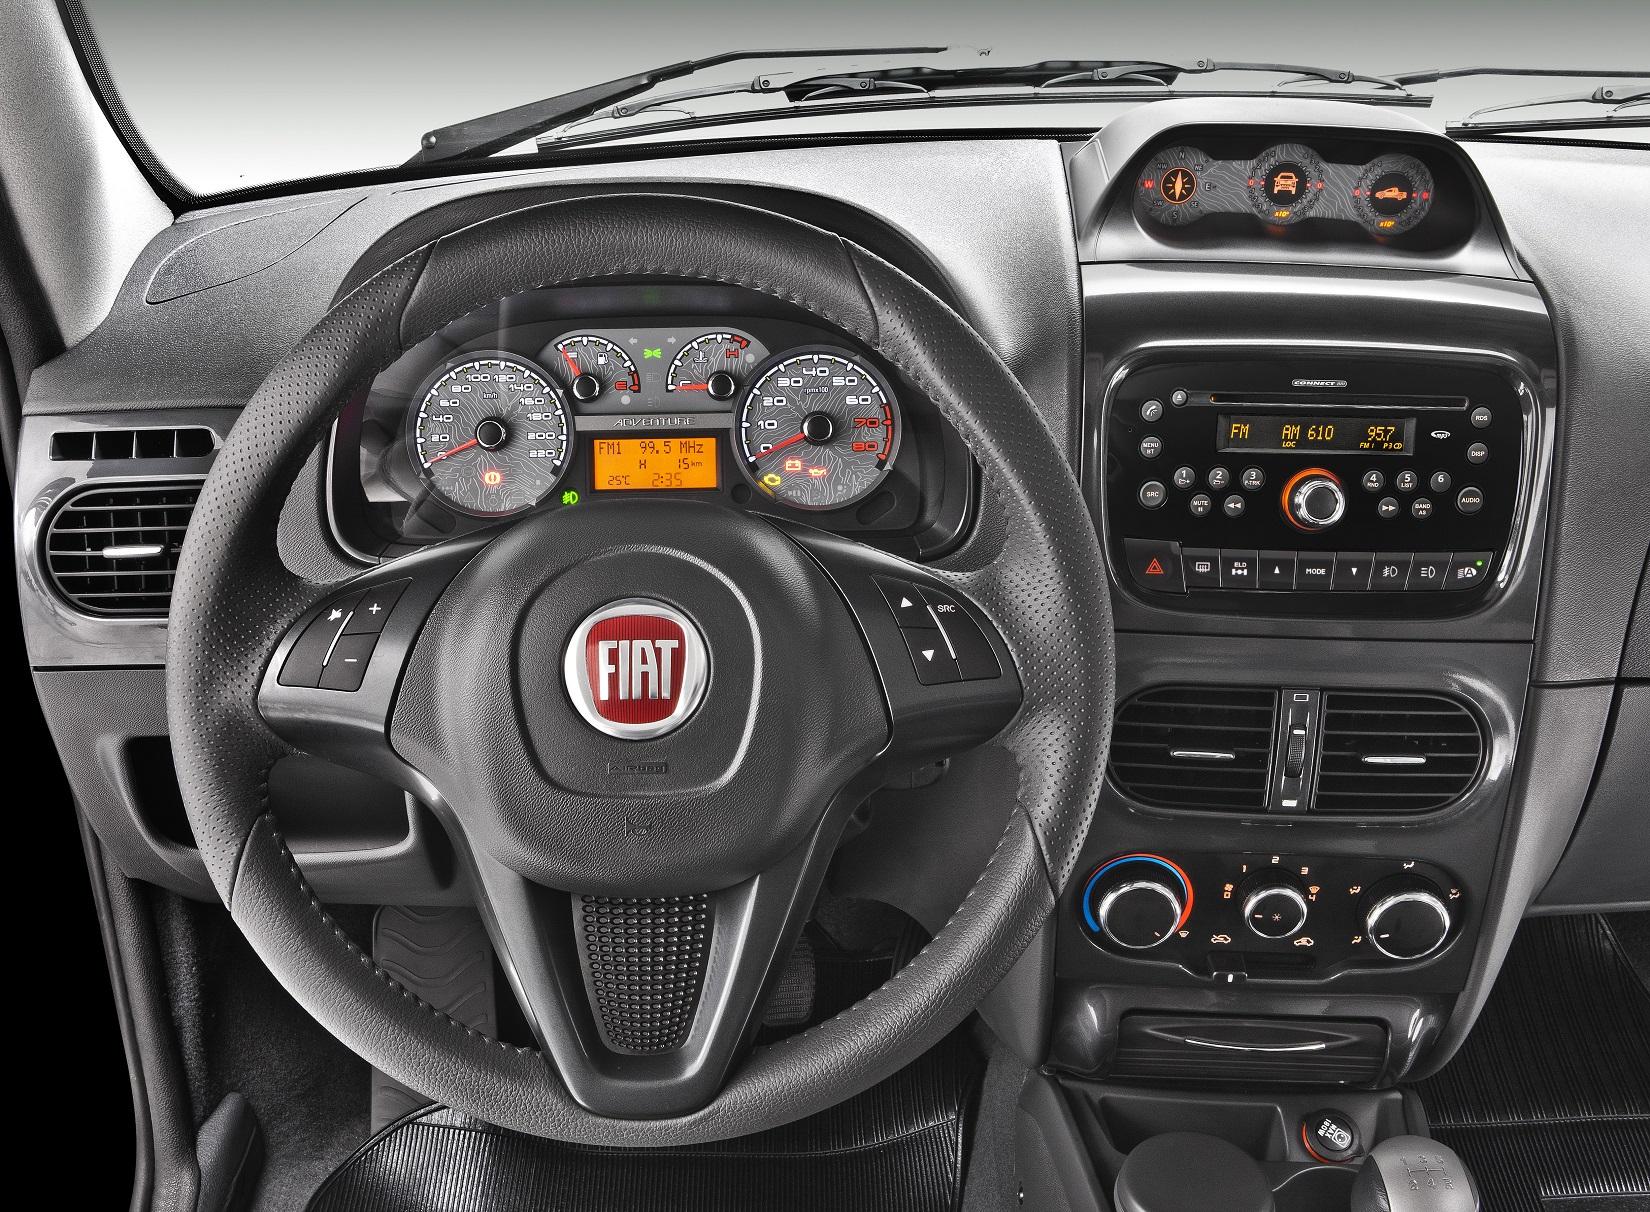 Bússola na cabine do Fiat Strada: Entre os úteis e os inúteis, veja sete exemplos de acessório para carros que ninguém usa, desde a bússola na cabine até os modos de condução.